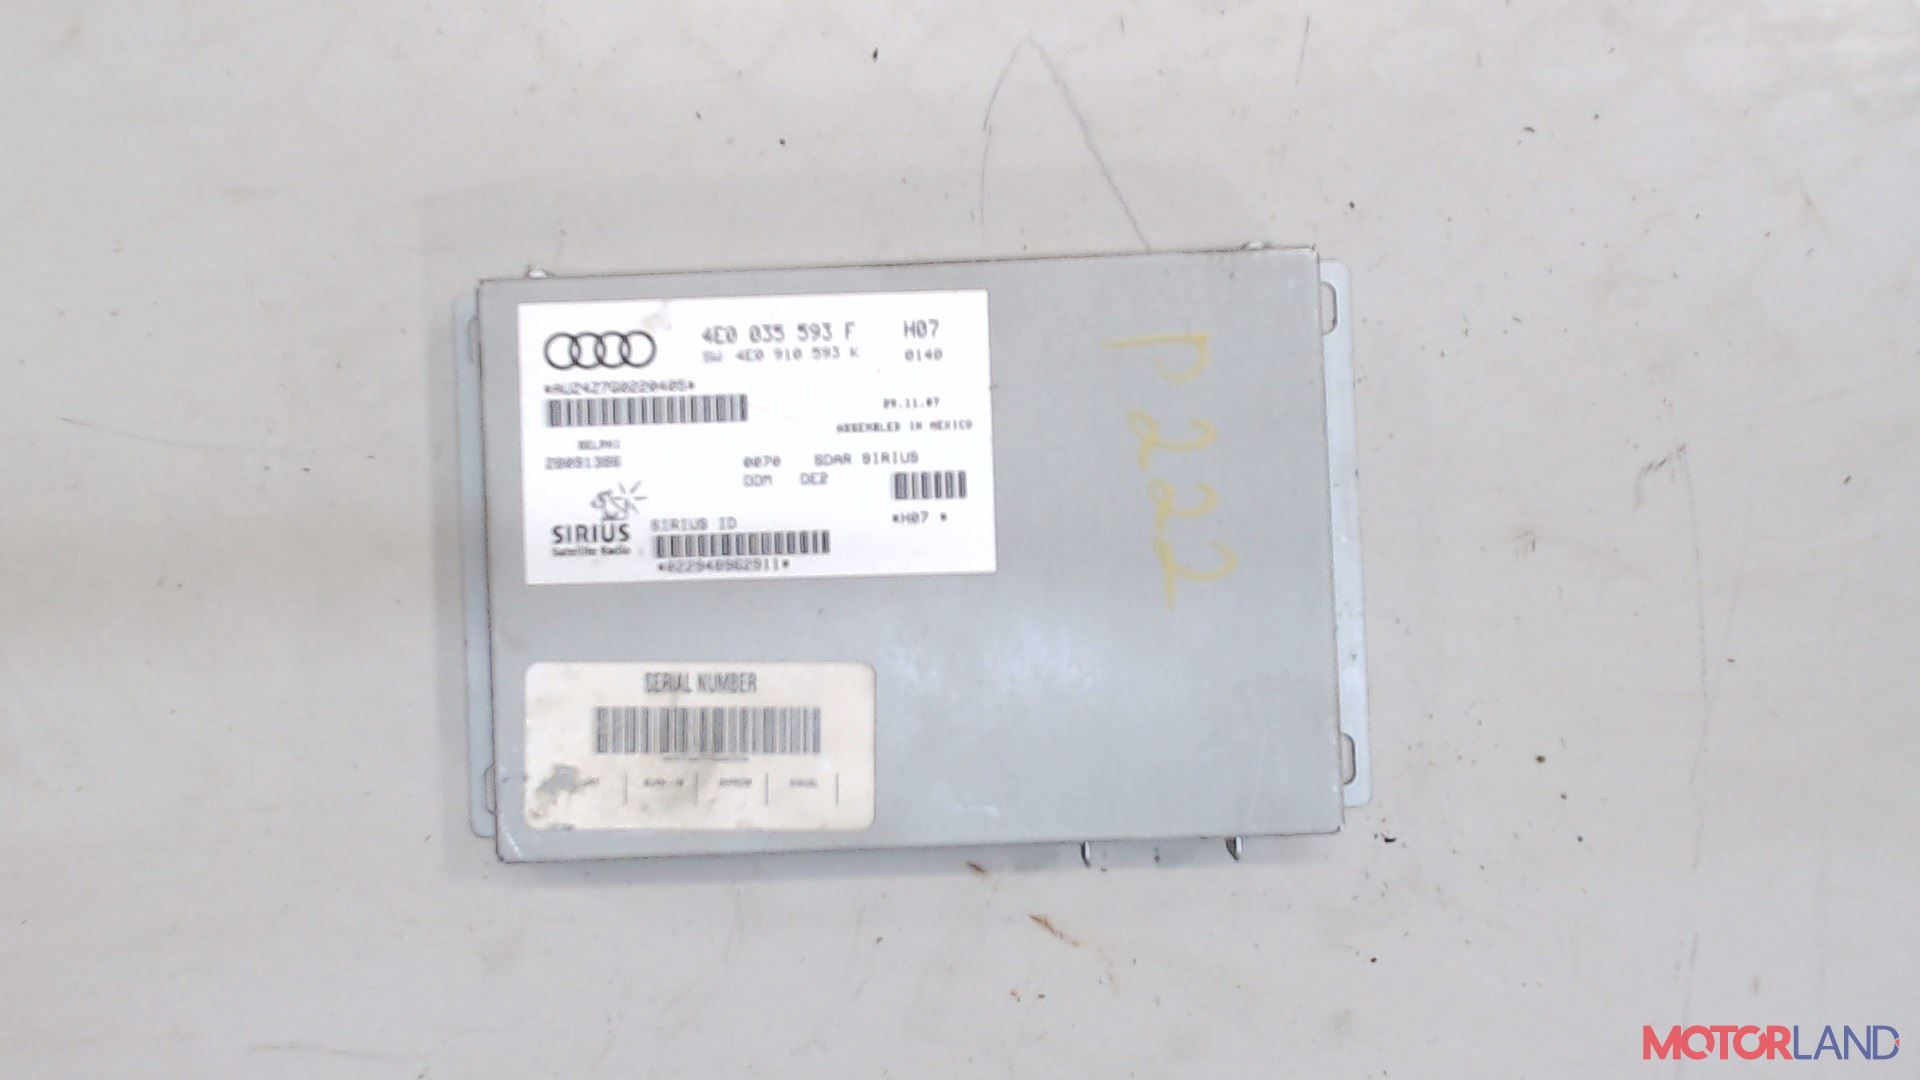 Блок управления (ЭБУ) Audi A6 (C6) 2005-2011 3.2 л. 2007 BKH б/у #1